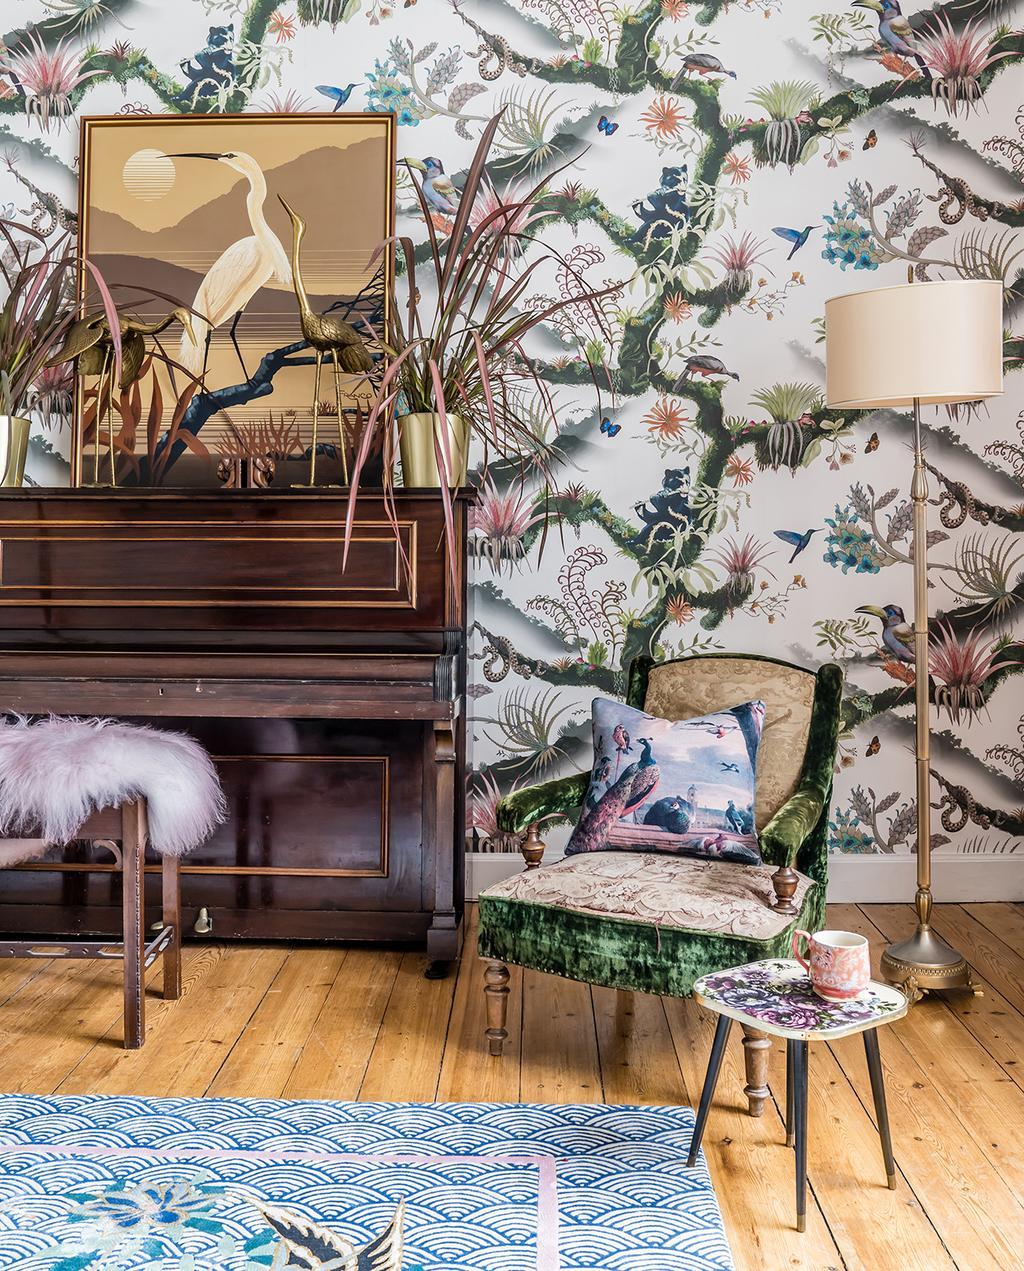 vtwonen 03-2020 | piano zithoek in een flora en fauna gedecoreerde woonkamer